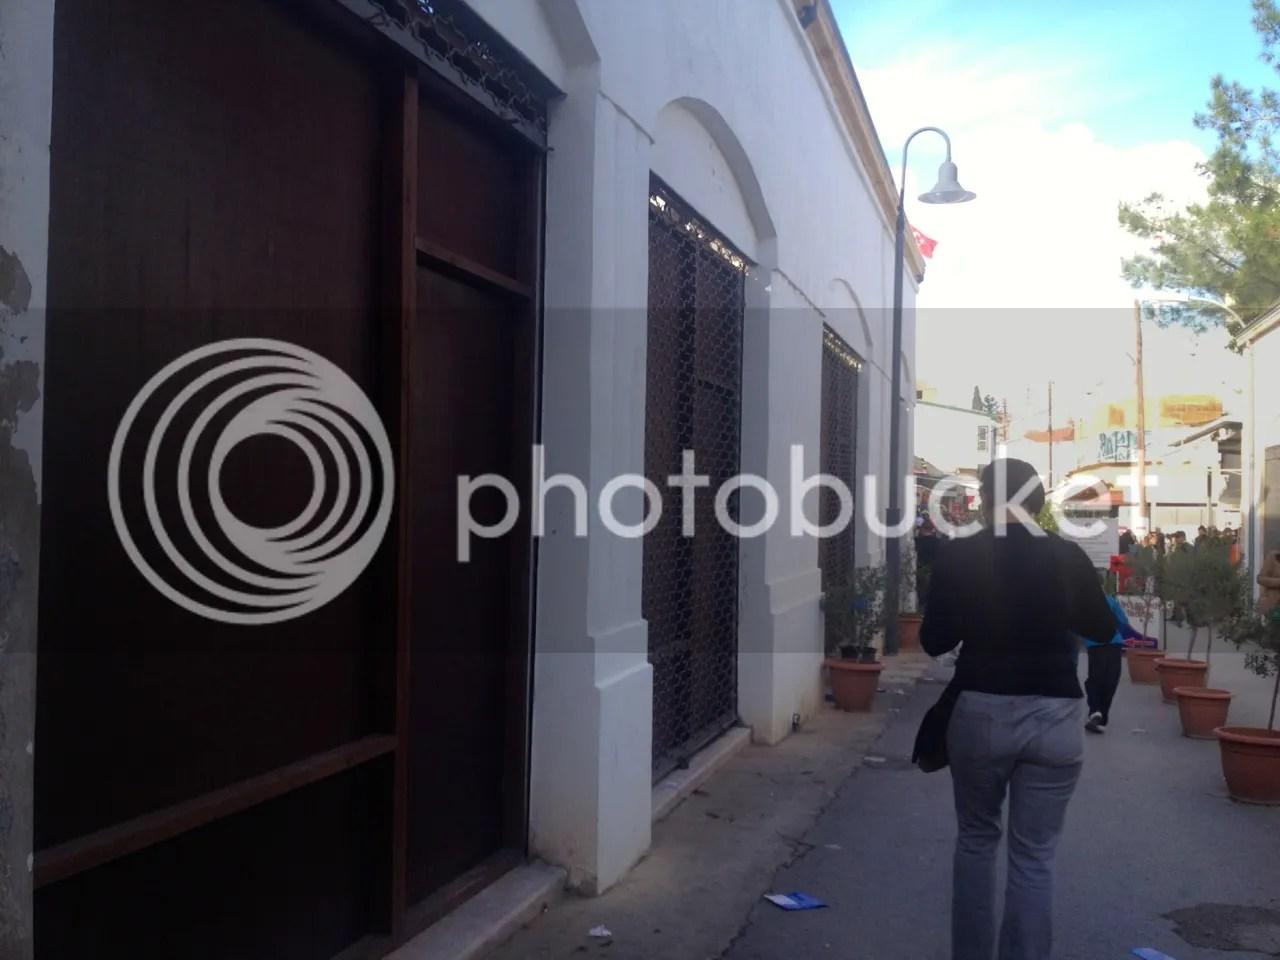 https://i1.wp.com/i181.photobucket.com/albums/x35/jwhite9185/Larnaca/file-122.jpg